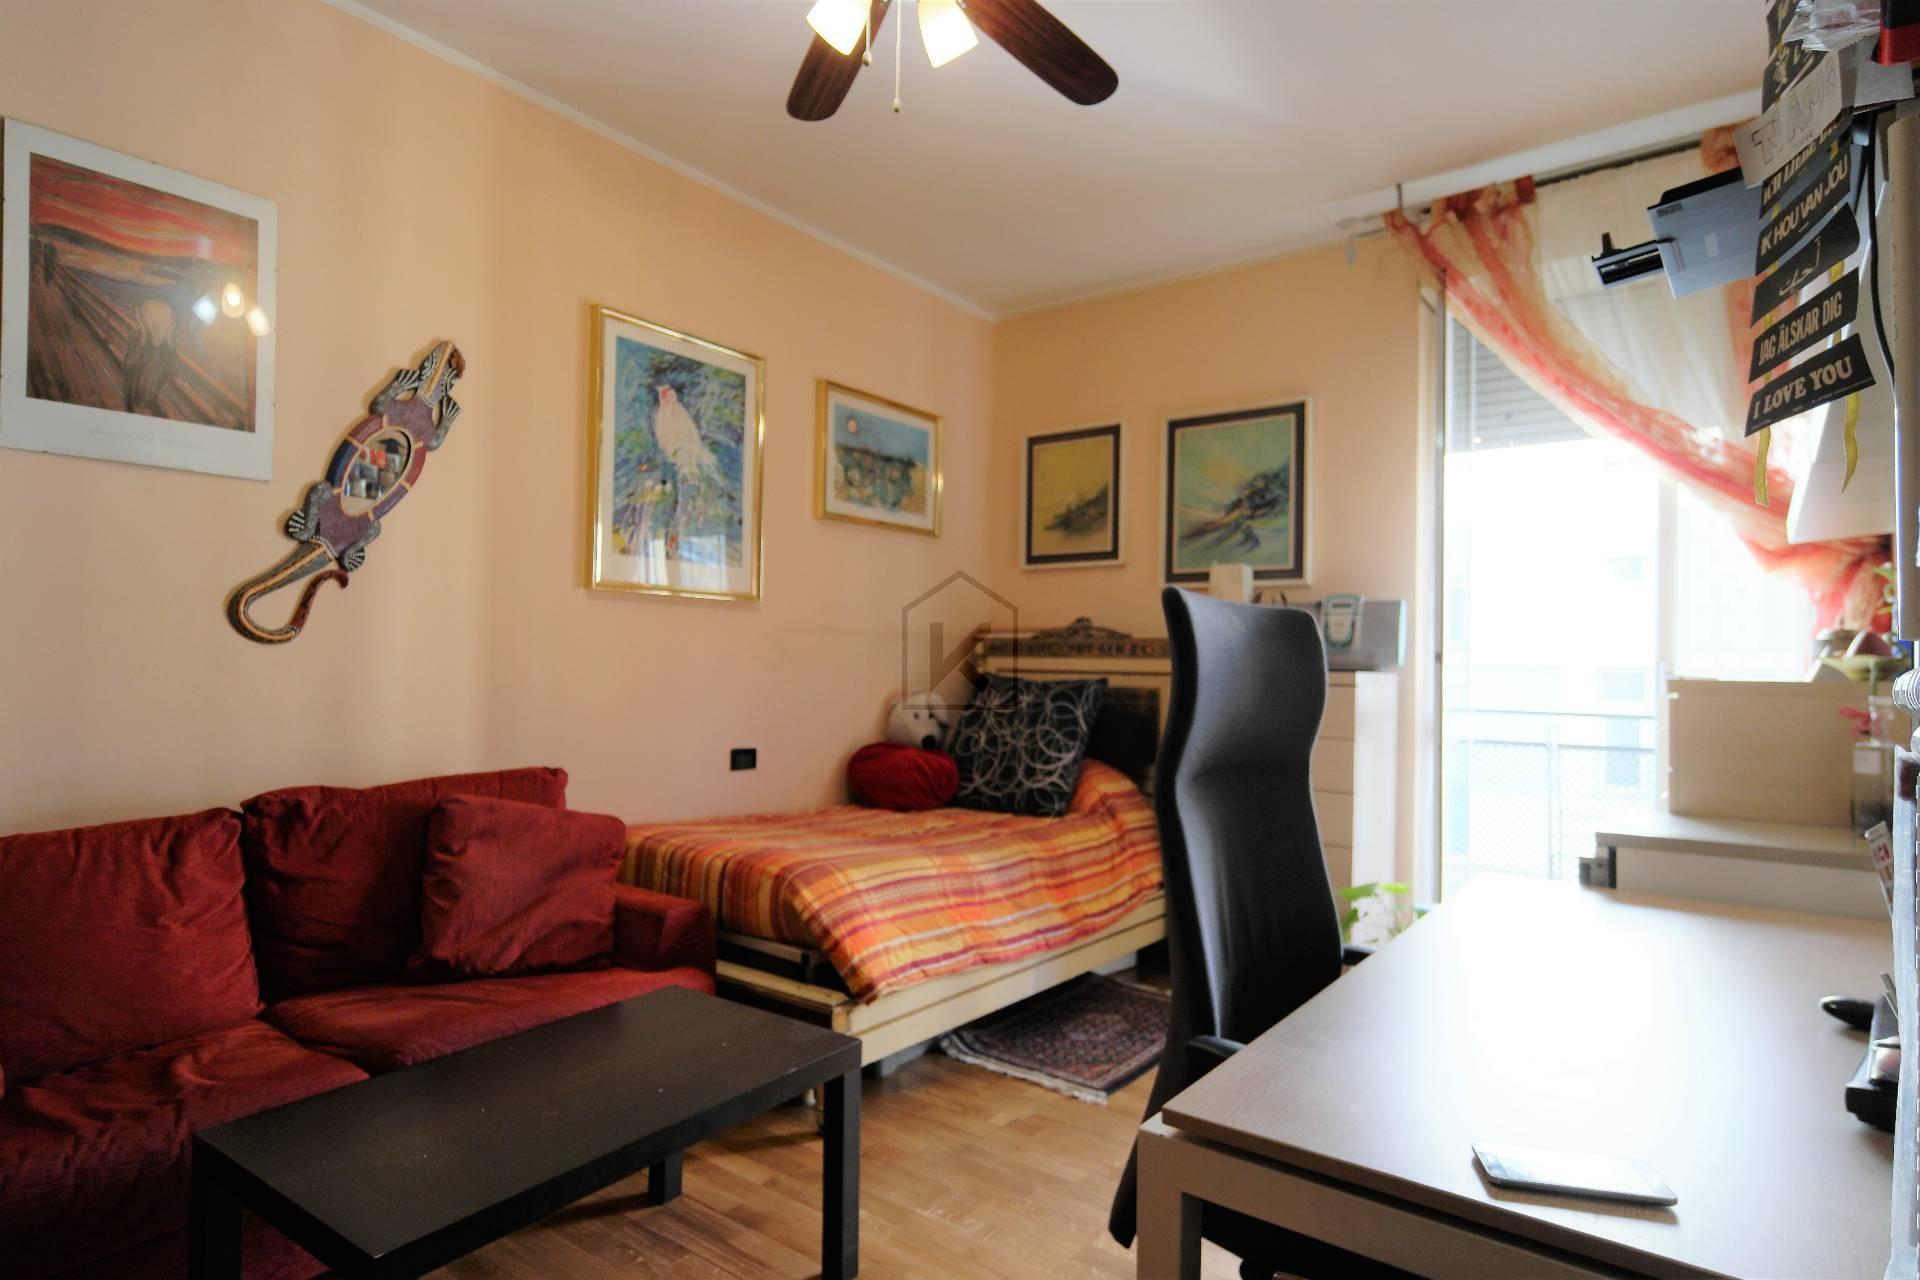 Appartamenti in vendita a milano trovocasa for Casa milano vendita